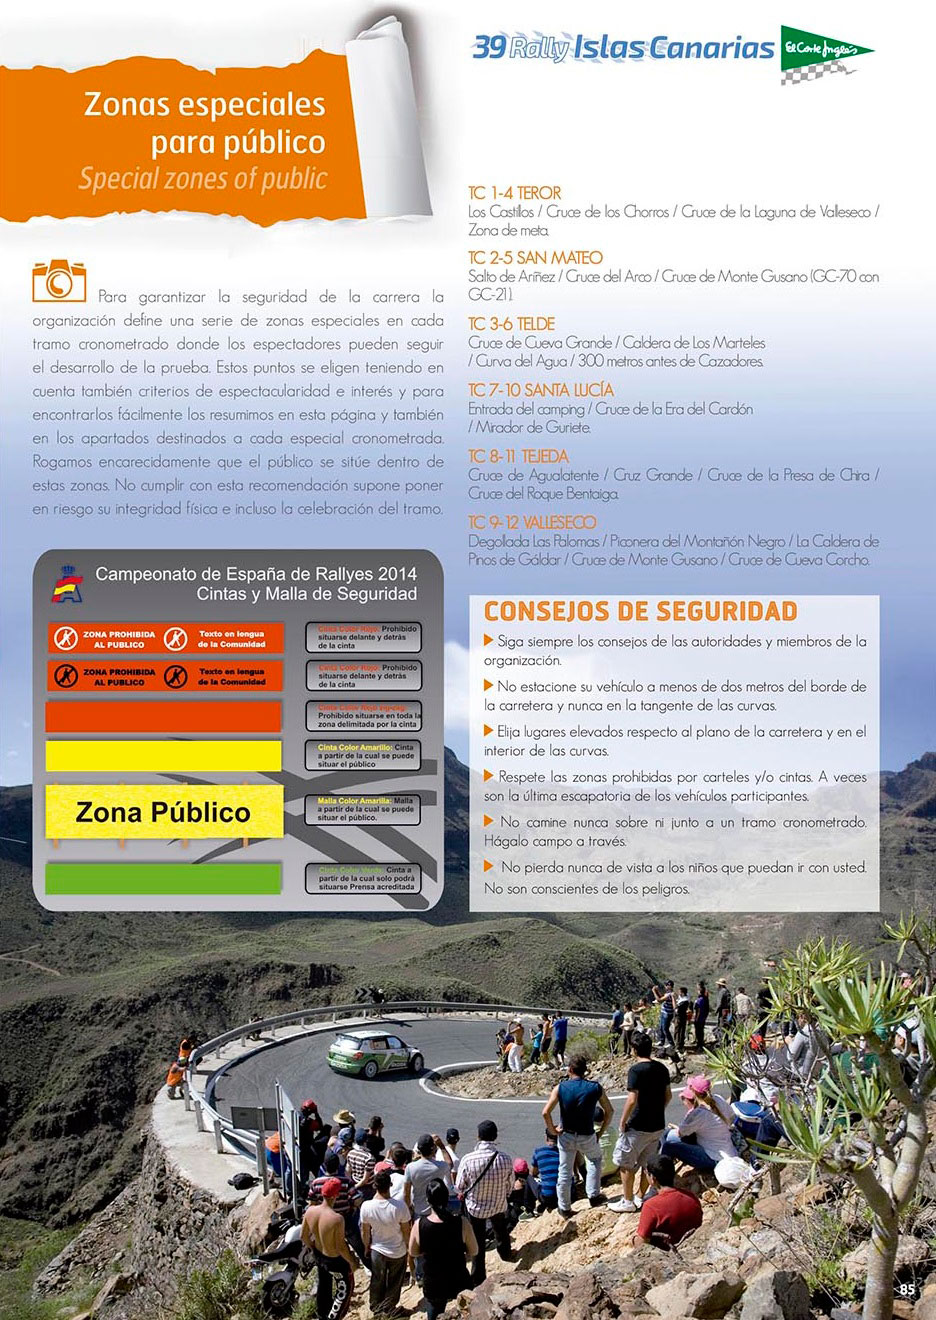 4-rally-islas-canarias